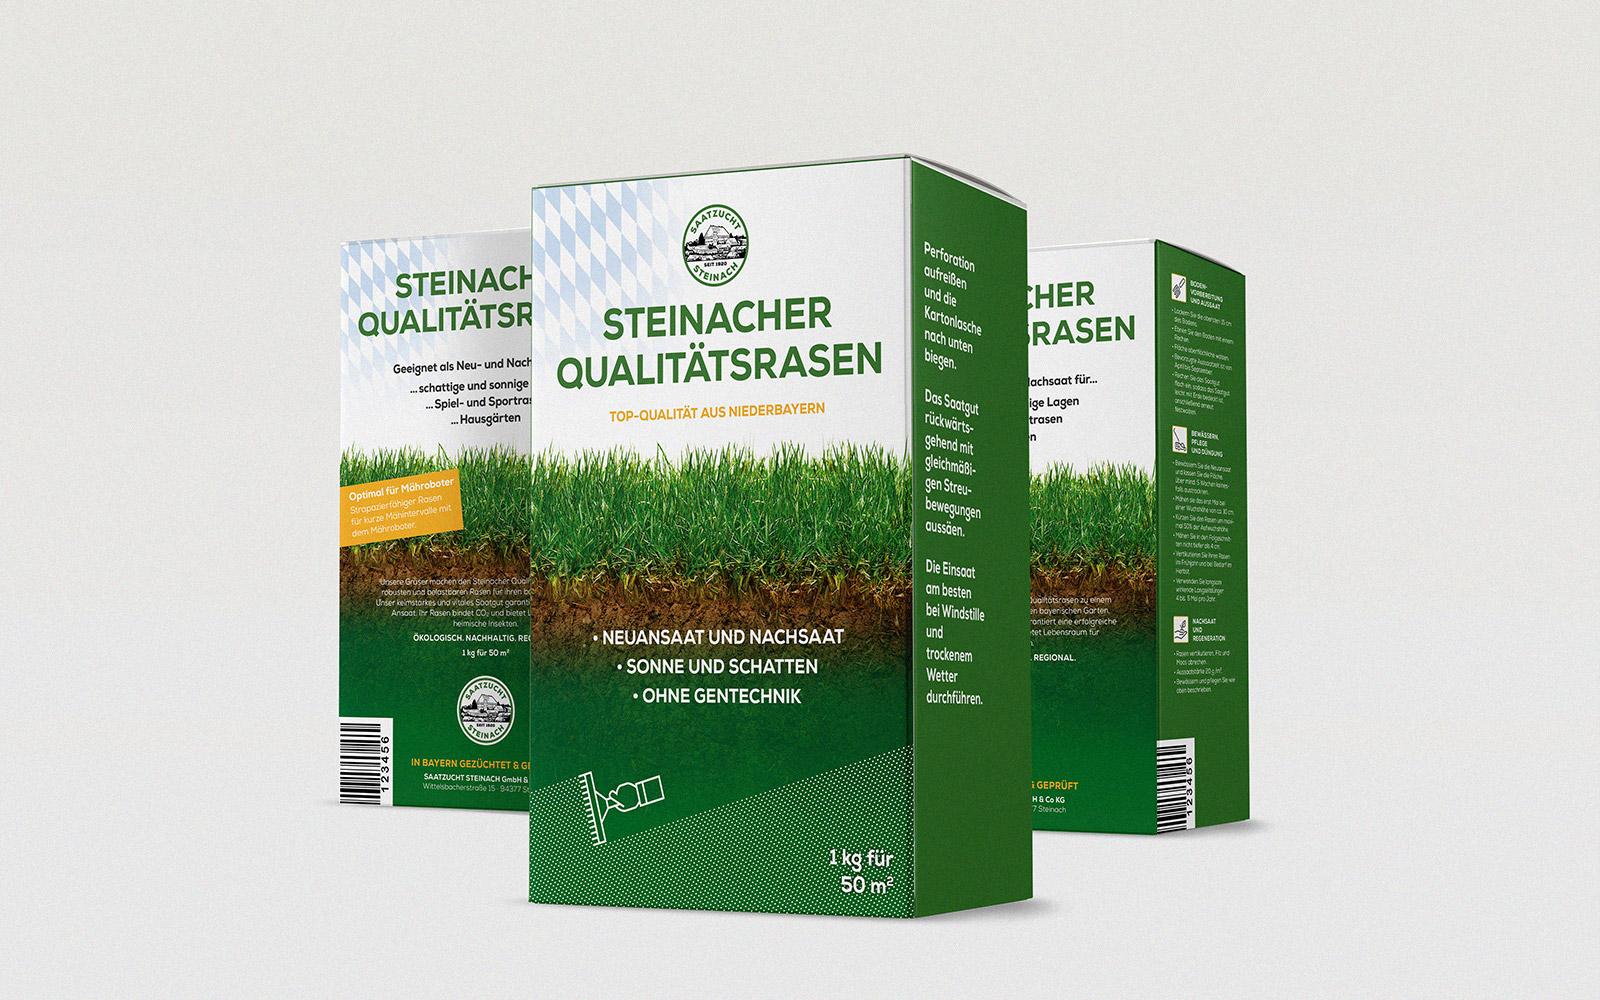 Saatzucht Steinach – Verpackungsdesign